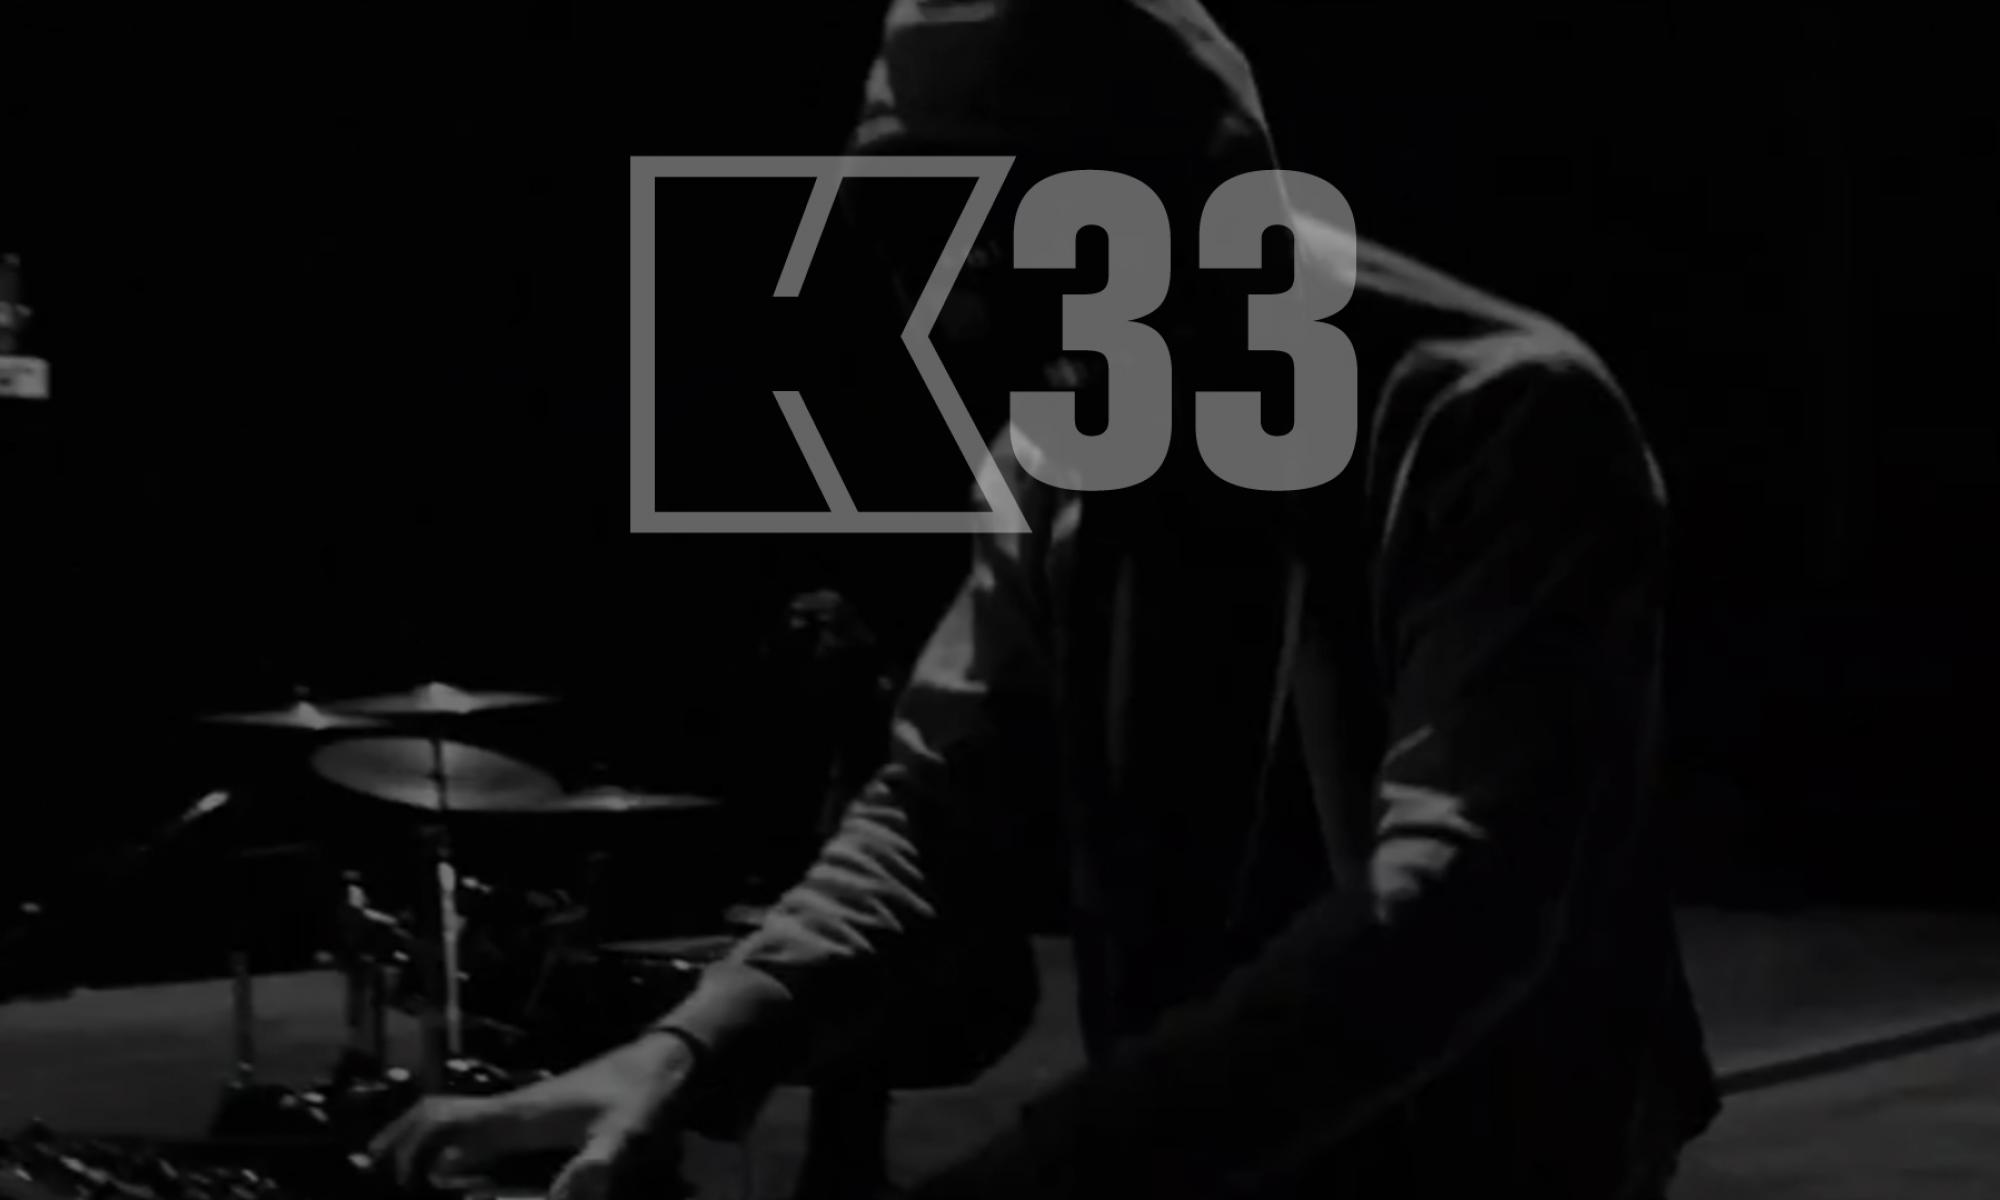 KONKR33T